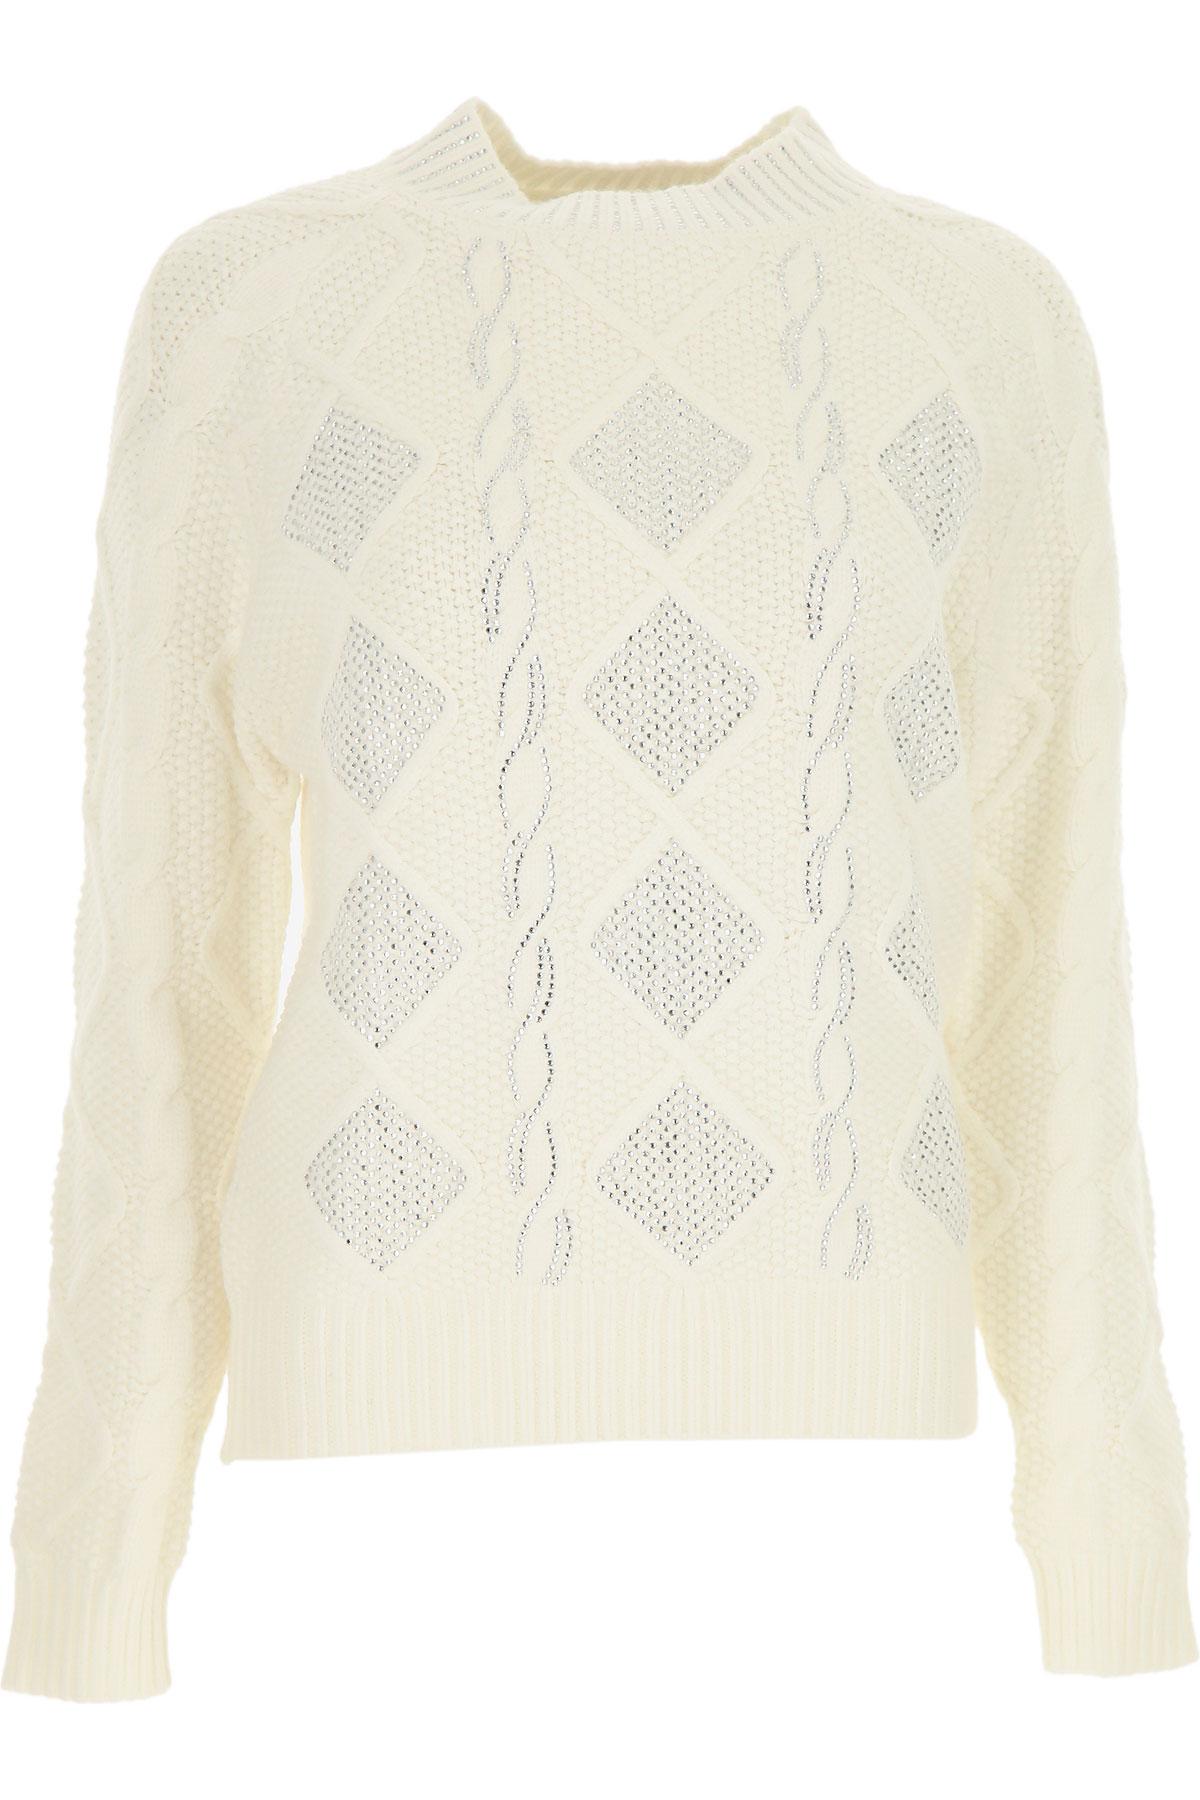 Ermanno Scervino Sweater for Women Jumper On Sale, White, Viscose, 2019, 4 6 8